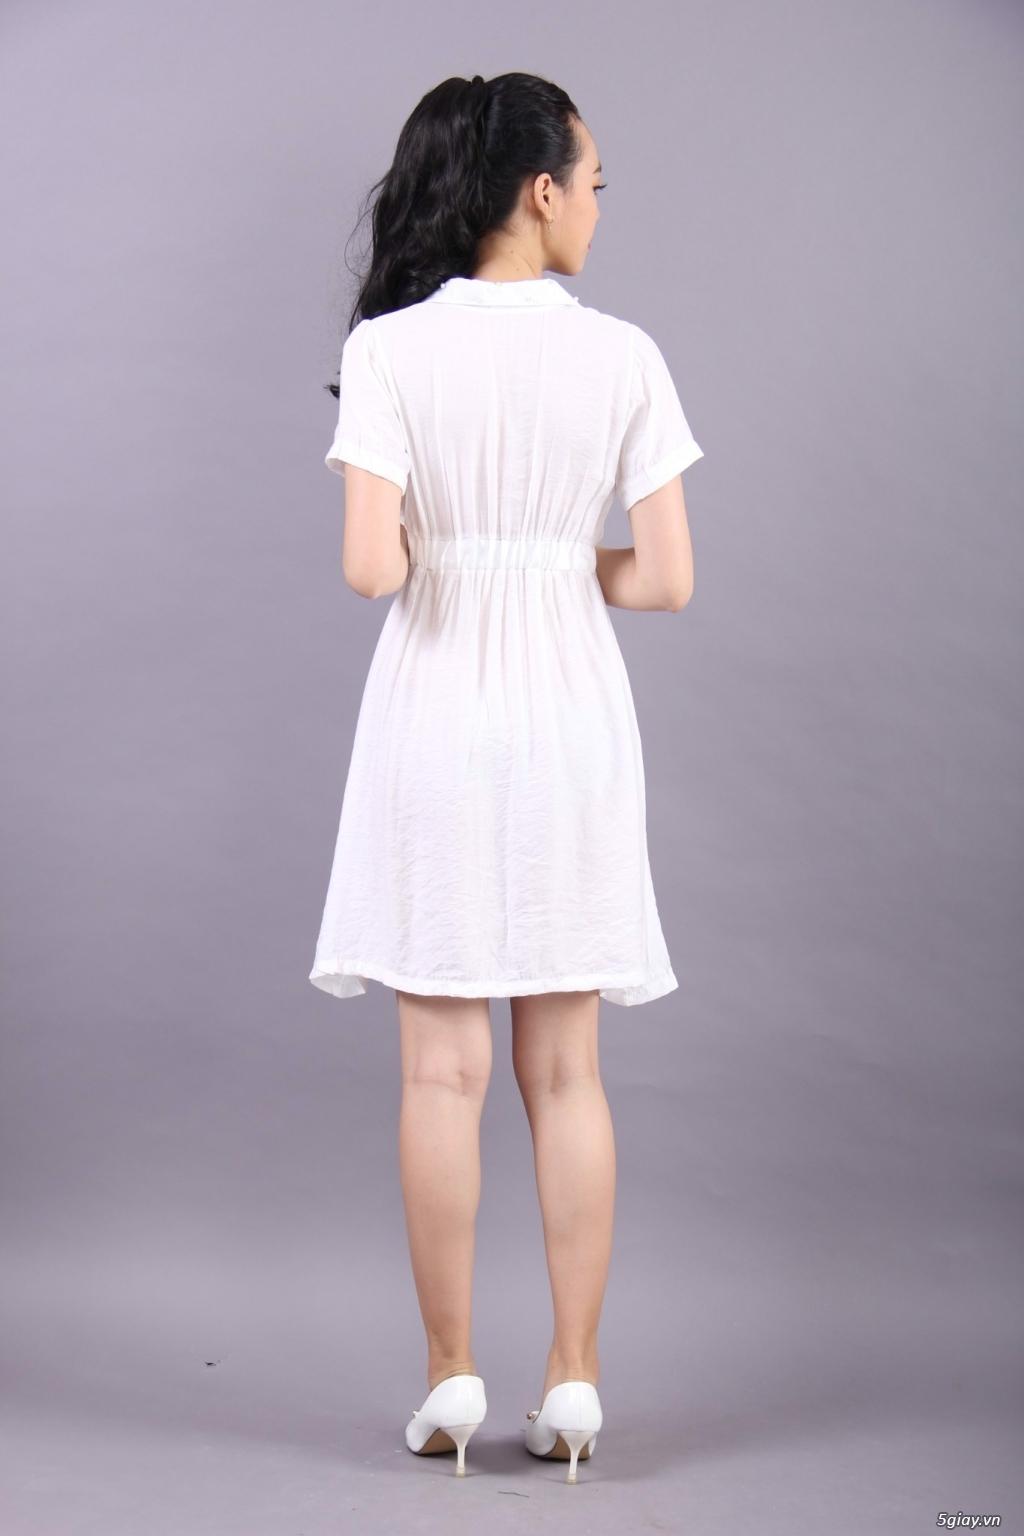 Wal House Fashion - Thương Hiệu Việt - Kiểu dáng đa dạng - 7